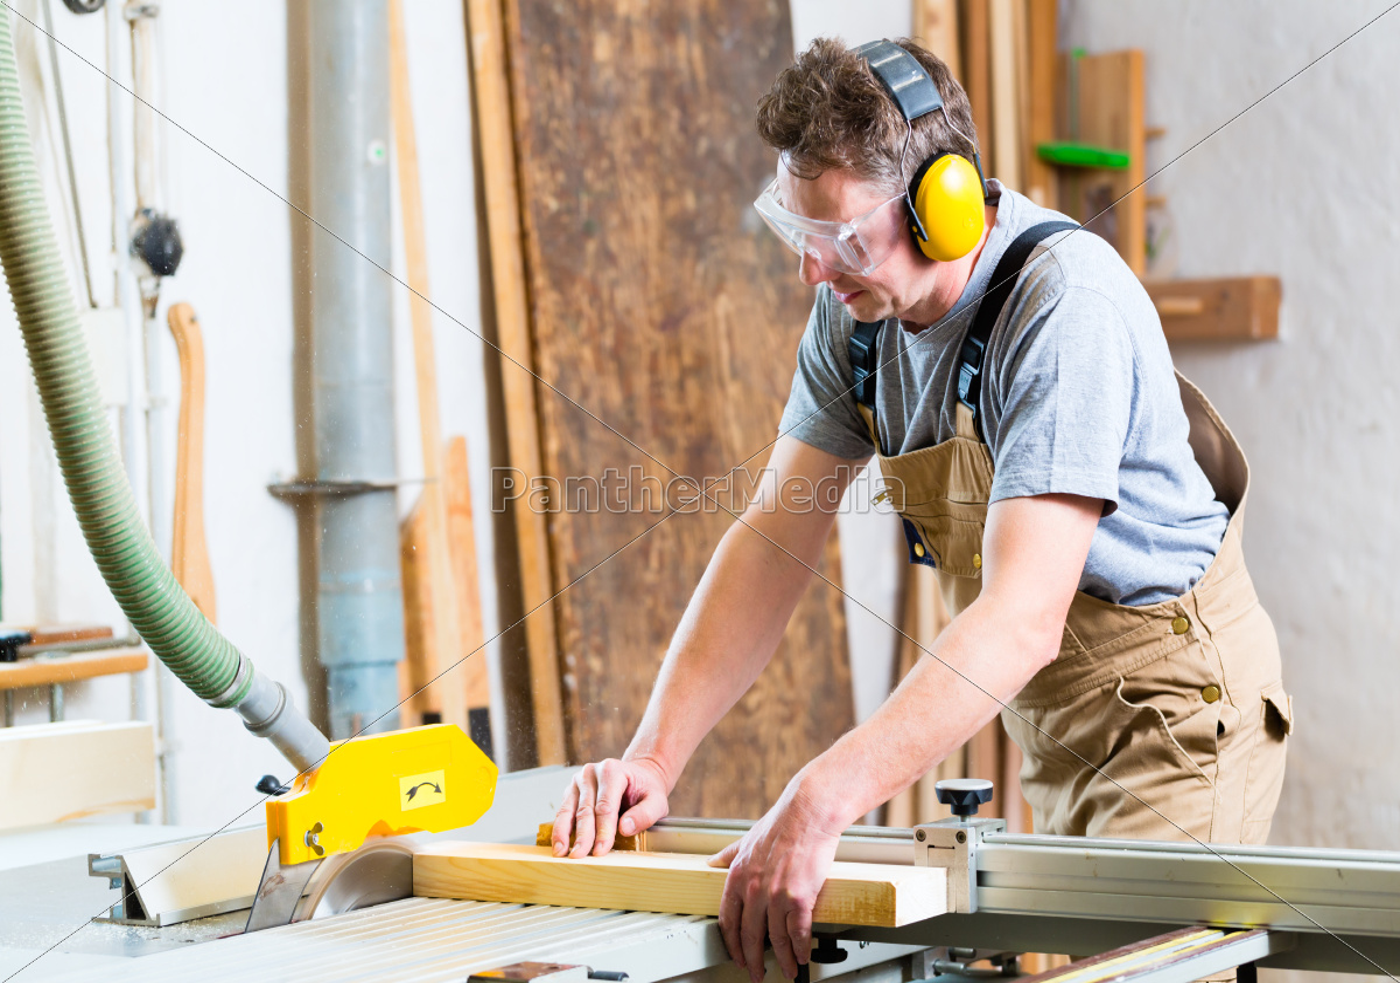 Schreiner Tischler tischler oder schreiner beim sä in tischlerei lizenzfreies bild